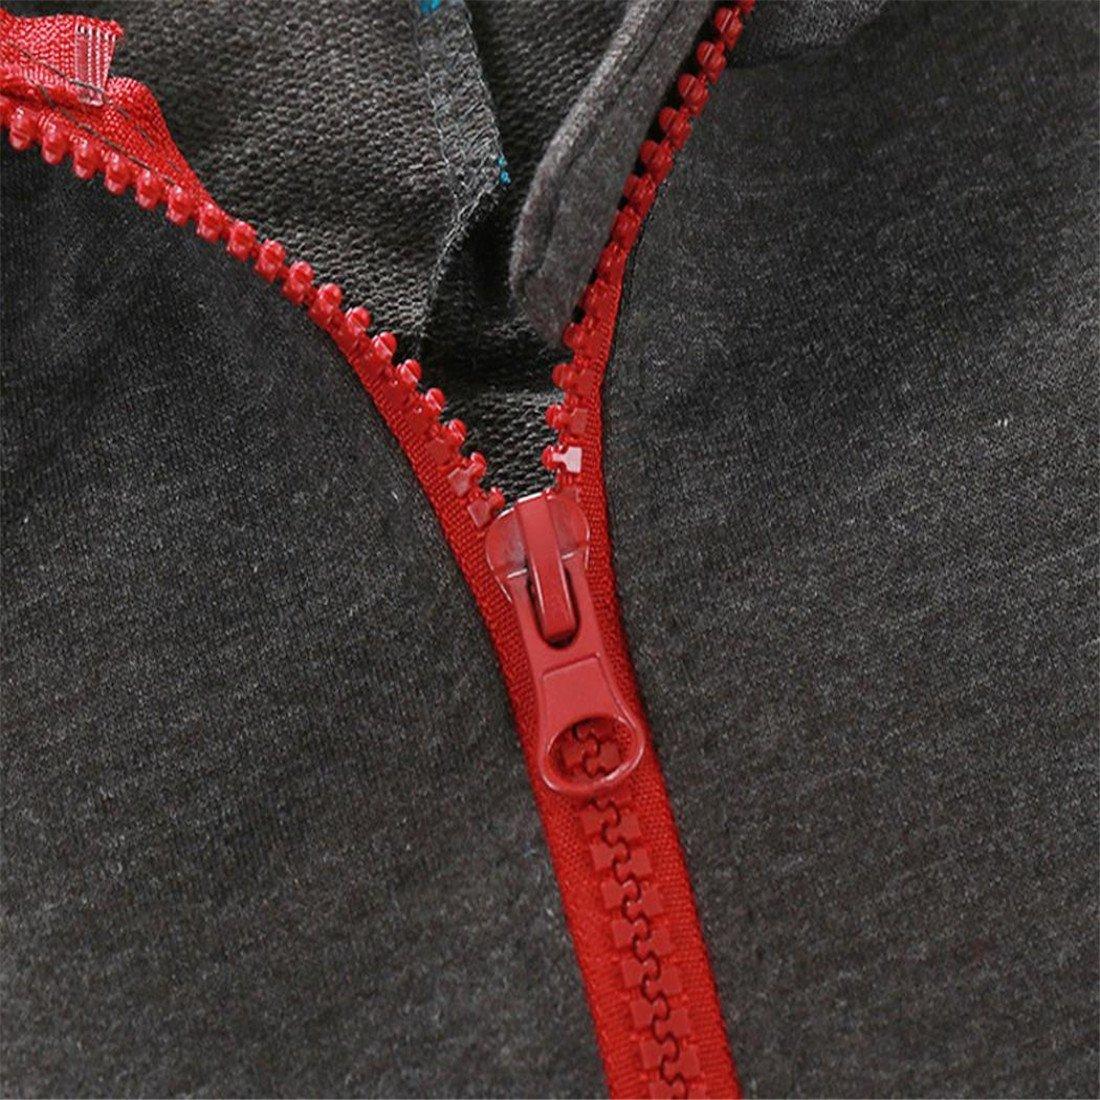 Btruely Baby Jacke Baby Kleinkind Junge M/ädchen Winterjacke Kinderjacken Winter Warm Mantel Jacke Dicke Kleidung Winter Dinosaurier Muster mit Kapuze Rei/ßverschluss Sweatshirt